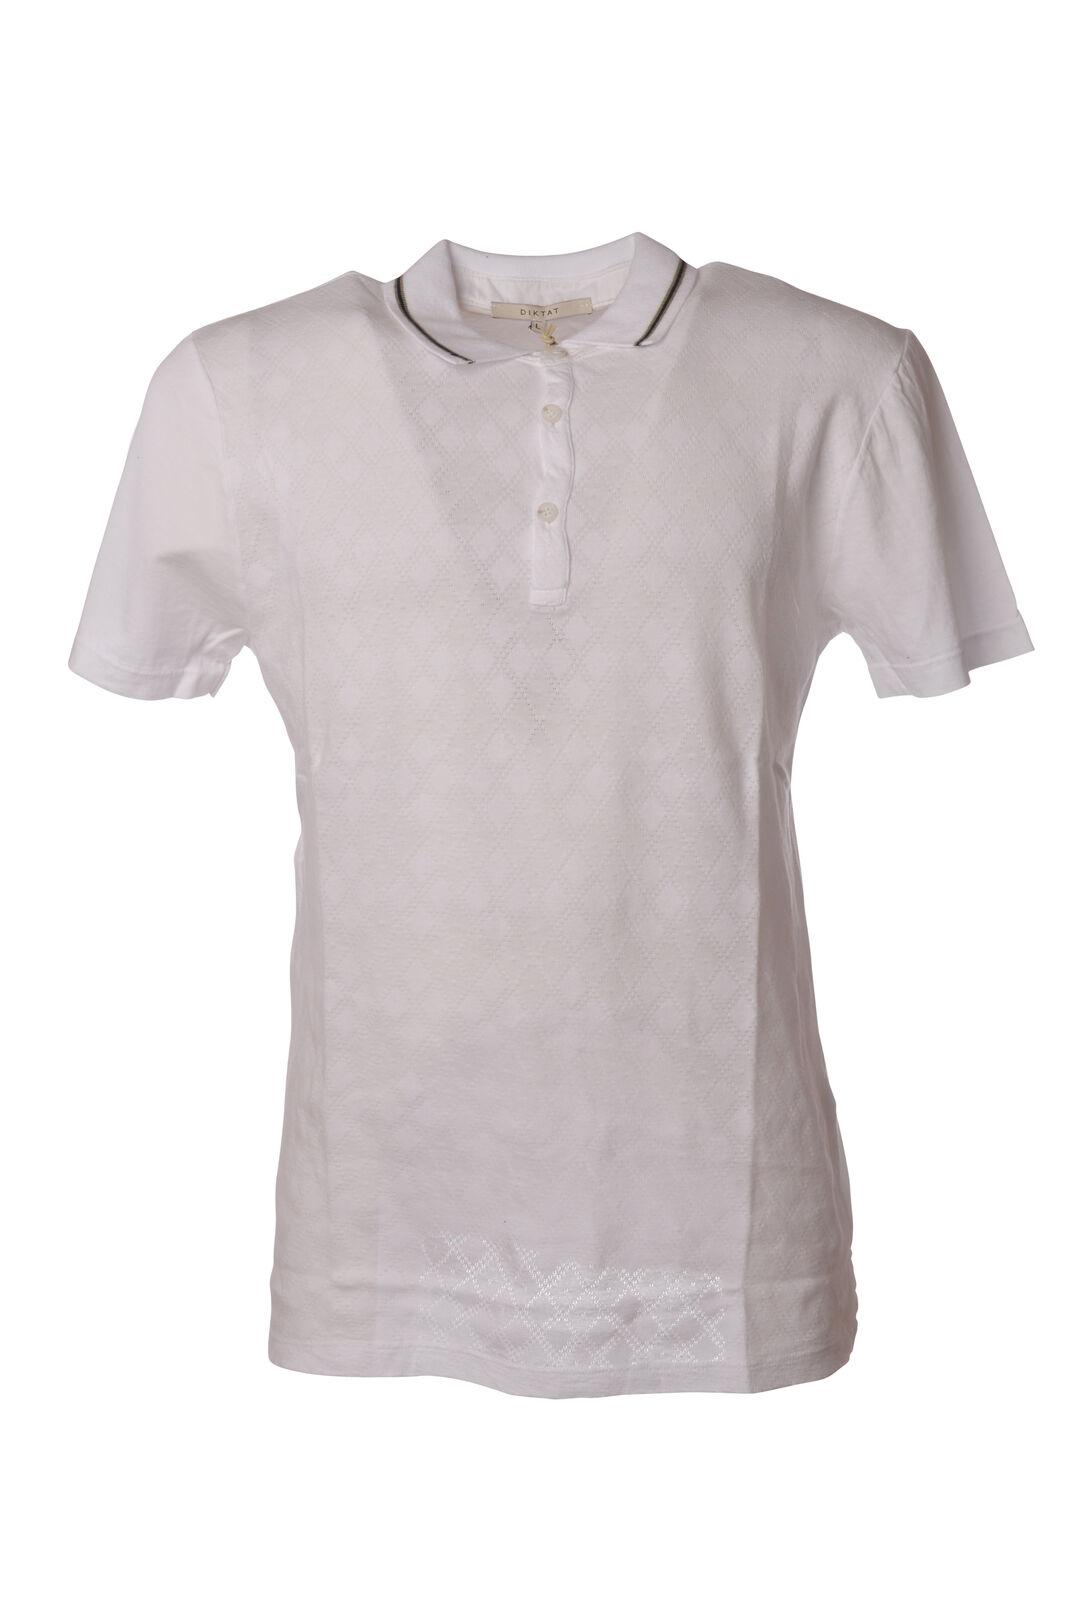 Diktat - Topwear-Polo - Man - Weiß - 5250912F183742